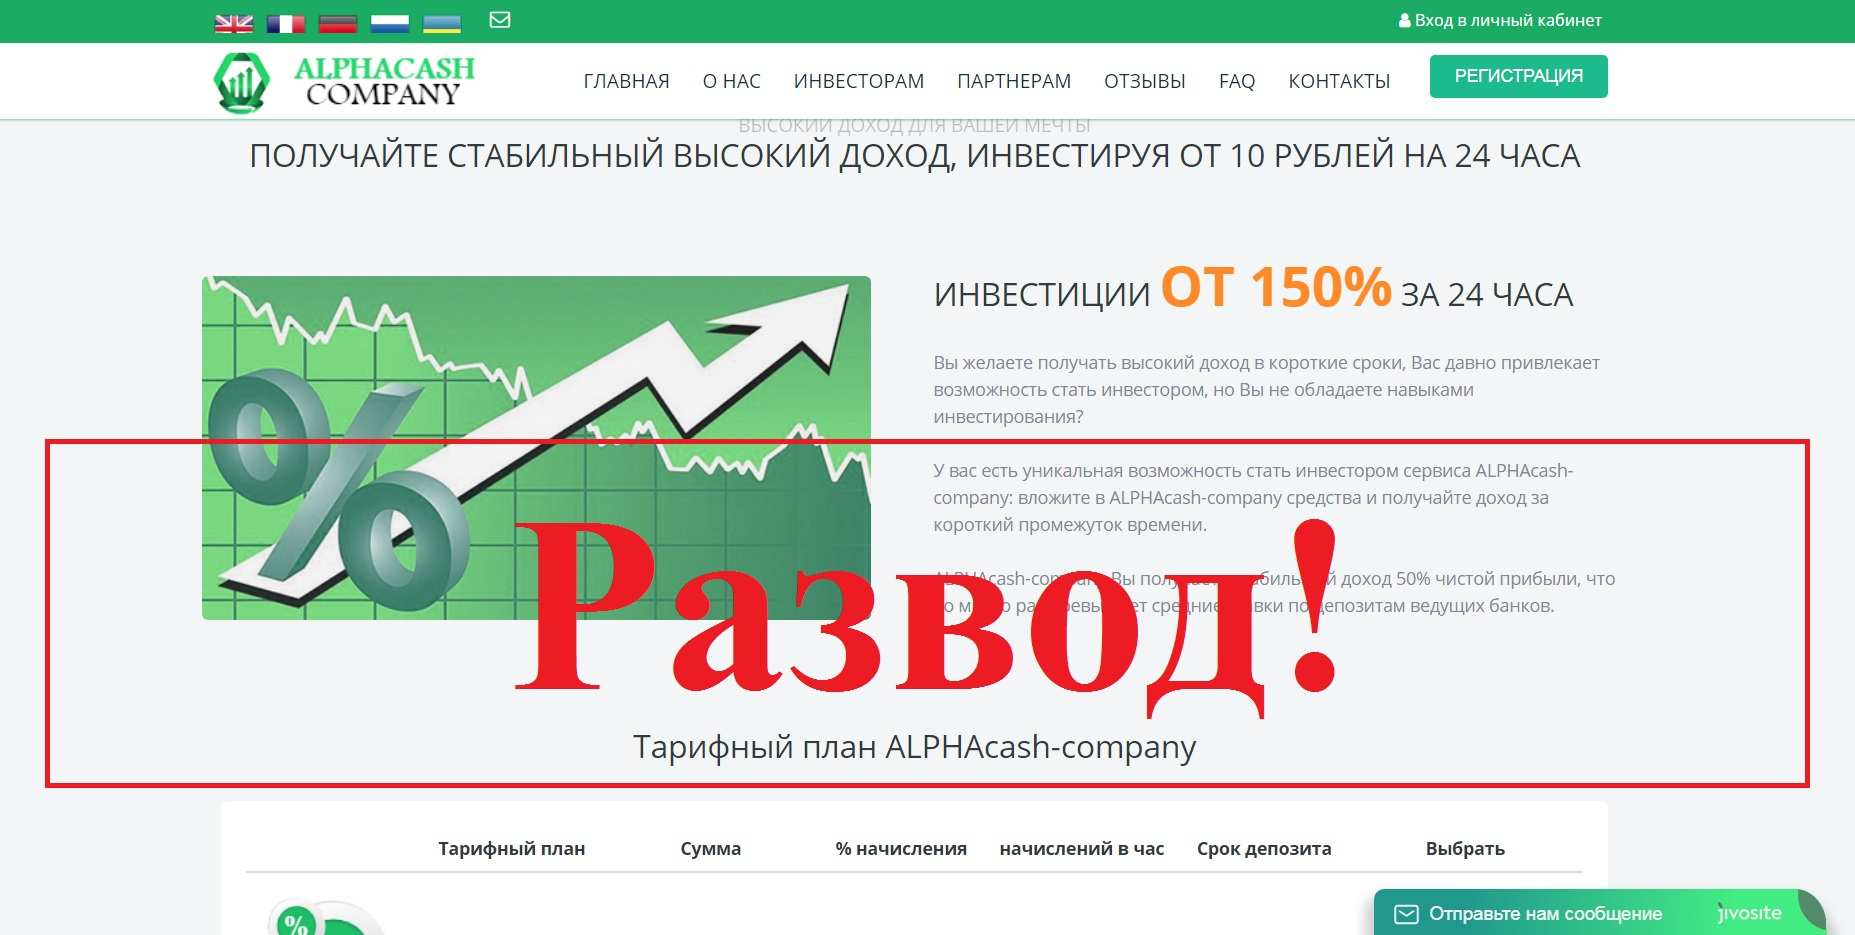 Alfacash Company – отзывы об инвестициях в PAMM